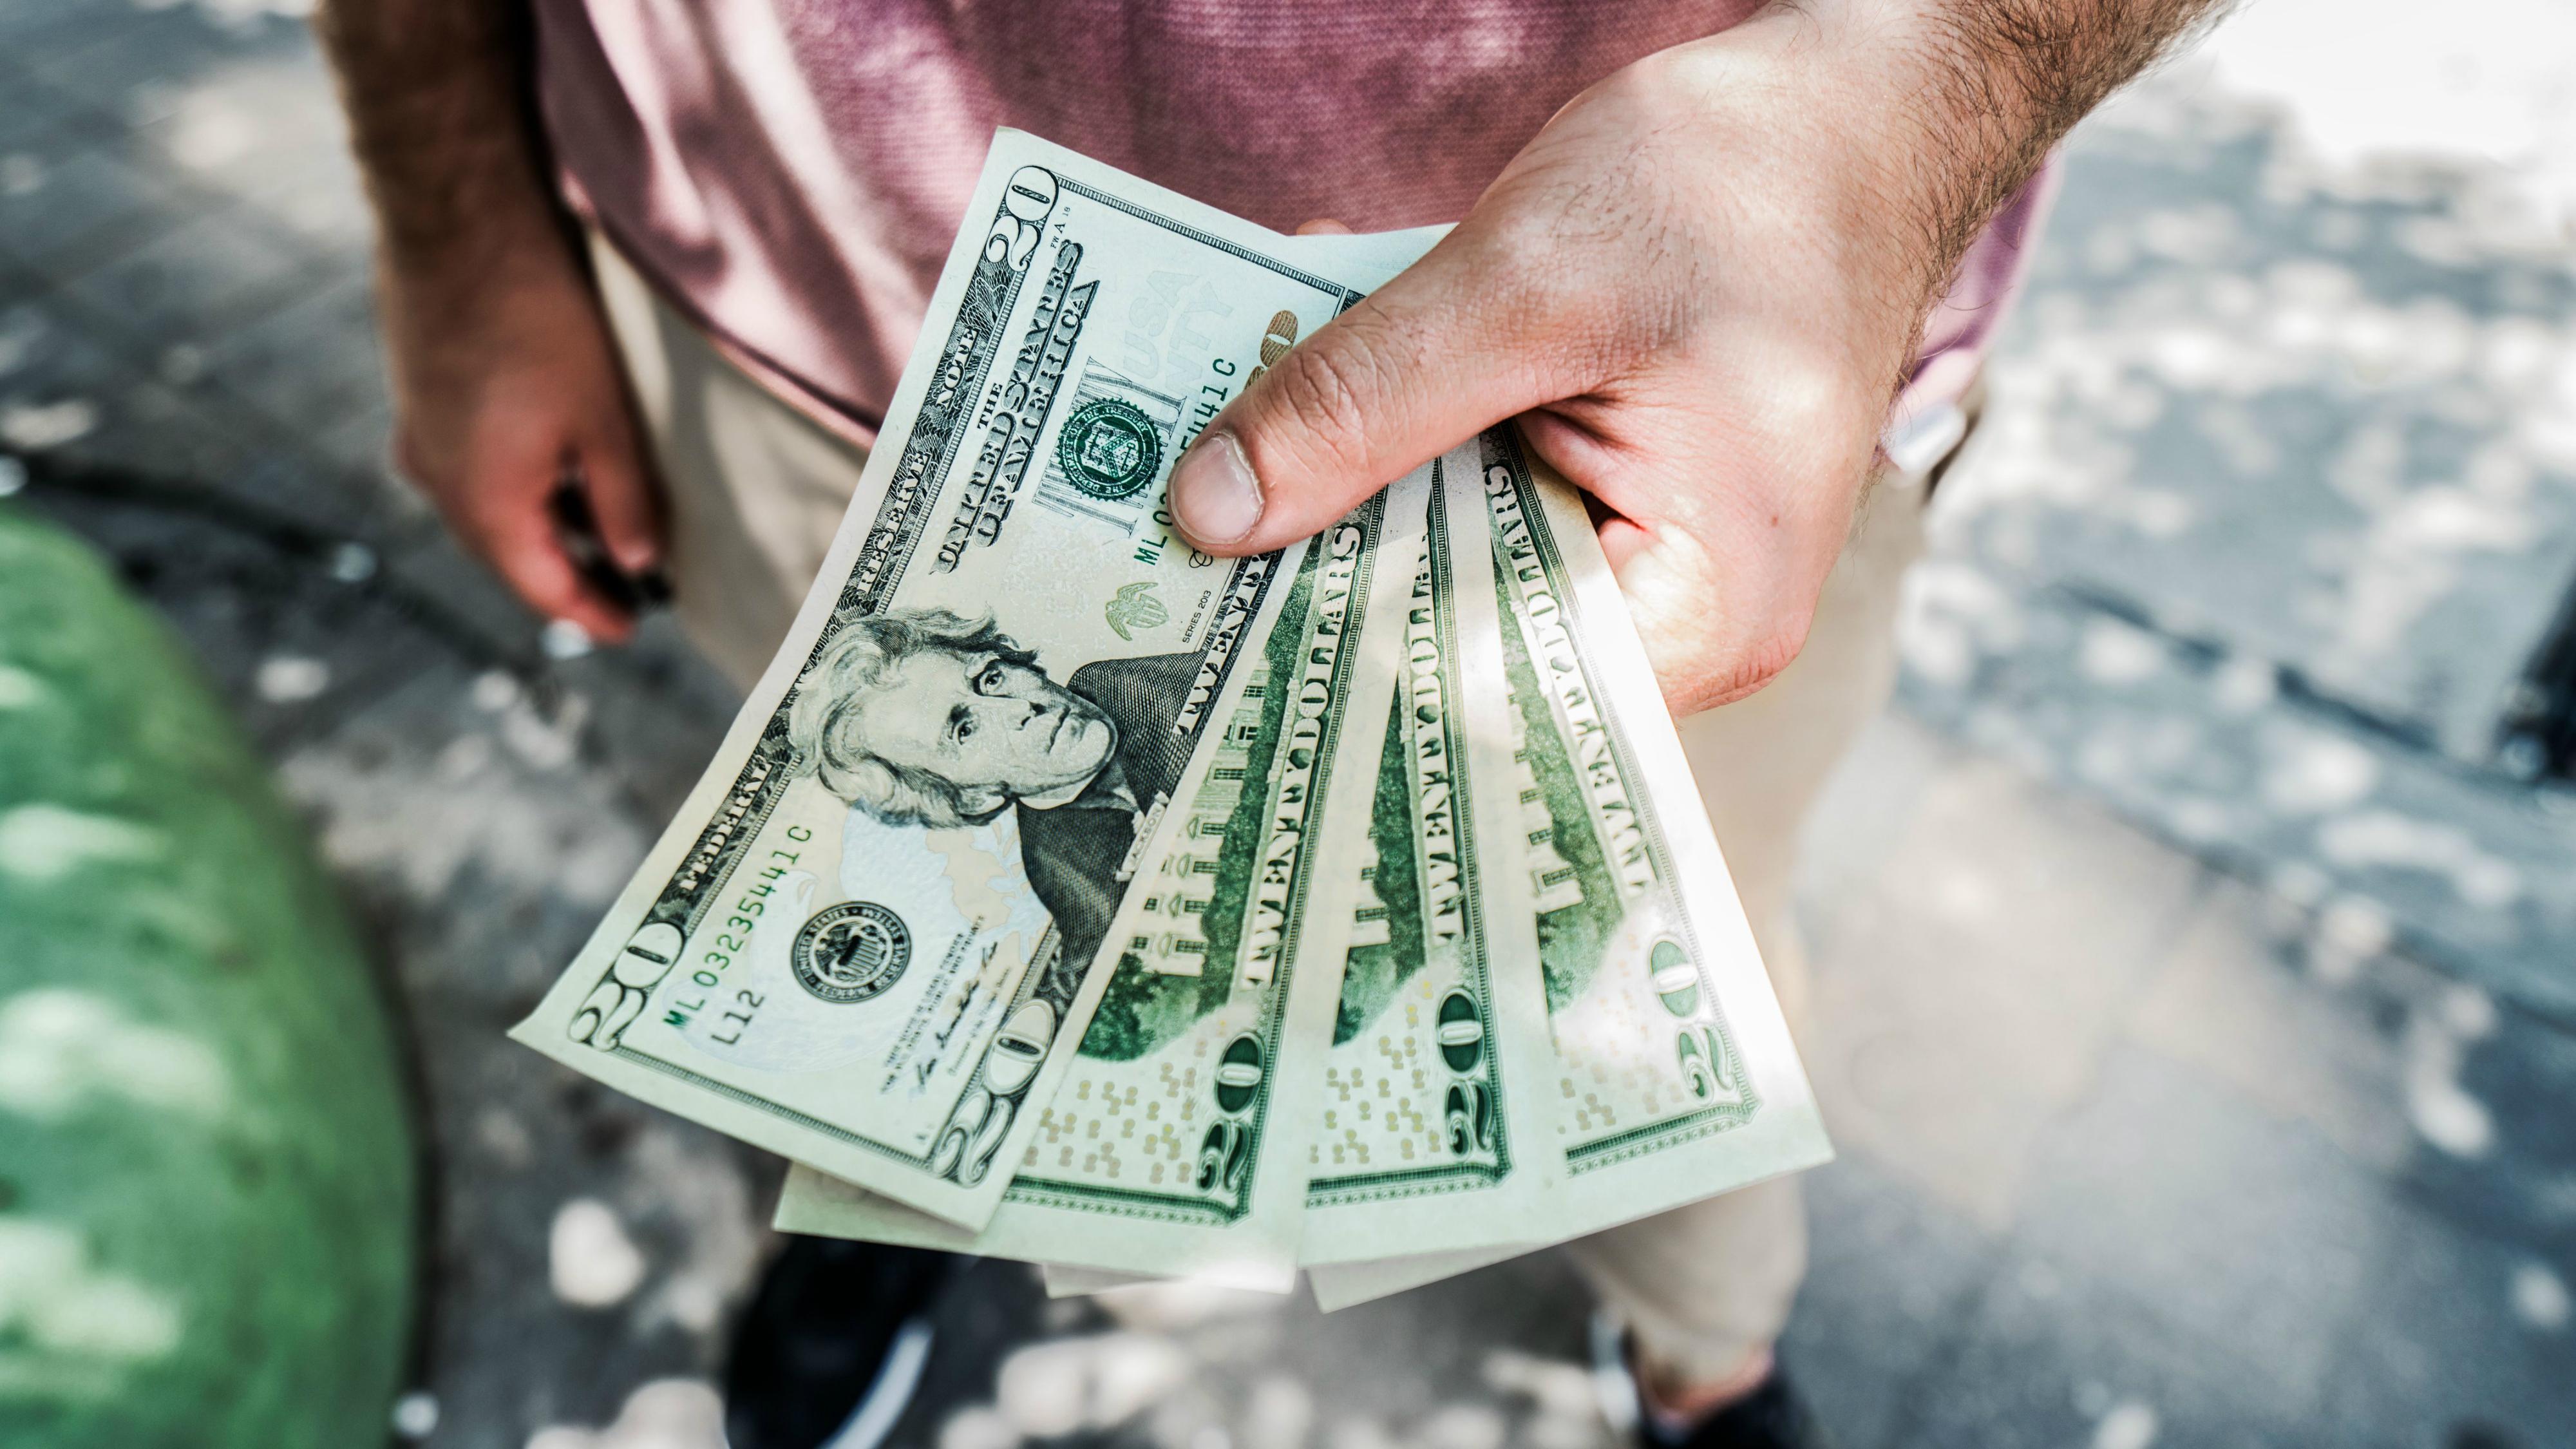 kā dzīvē nopelnīt daudz naudas